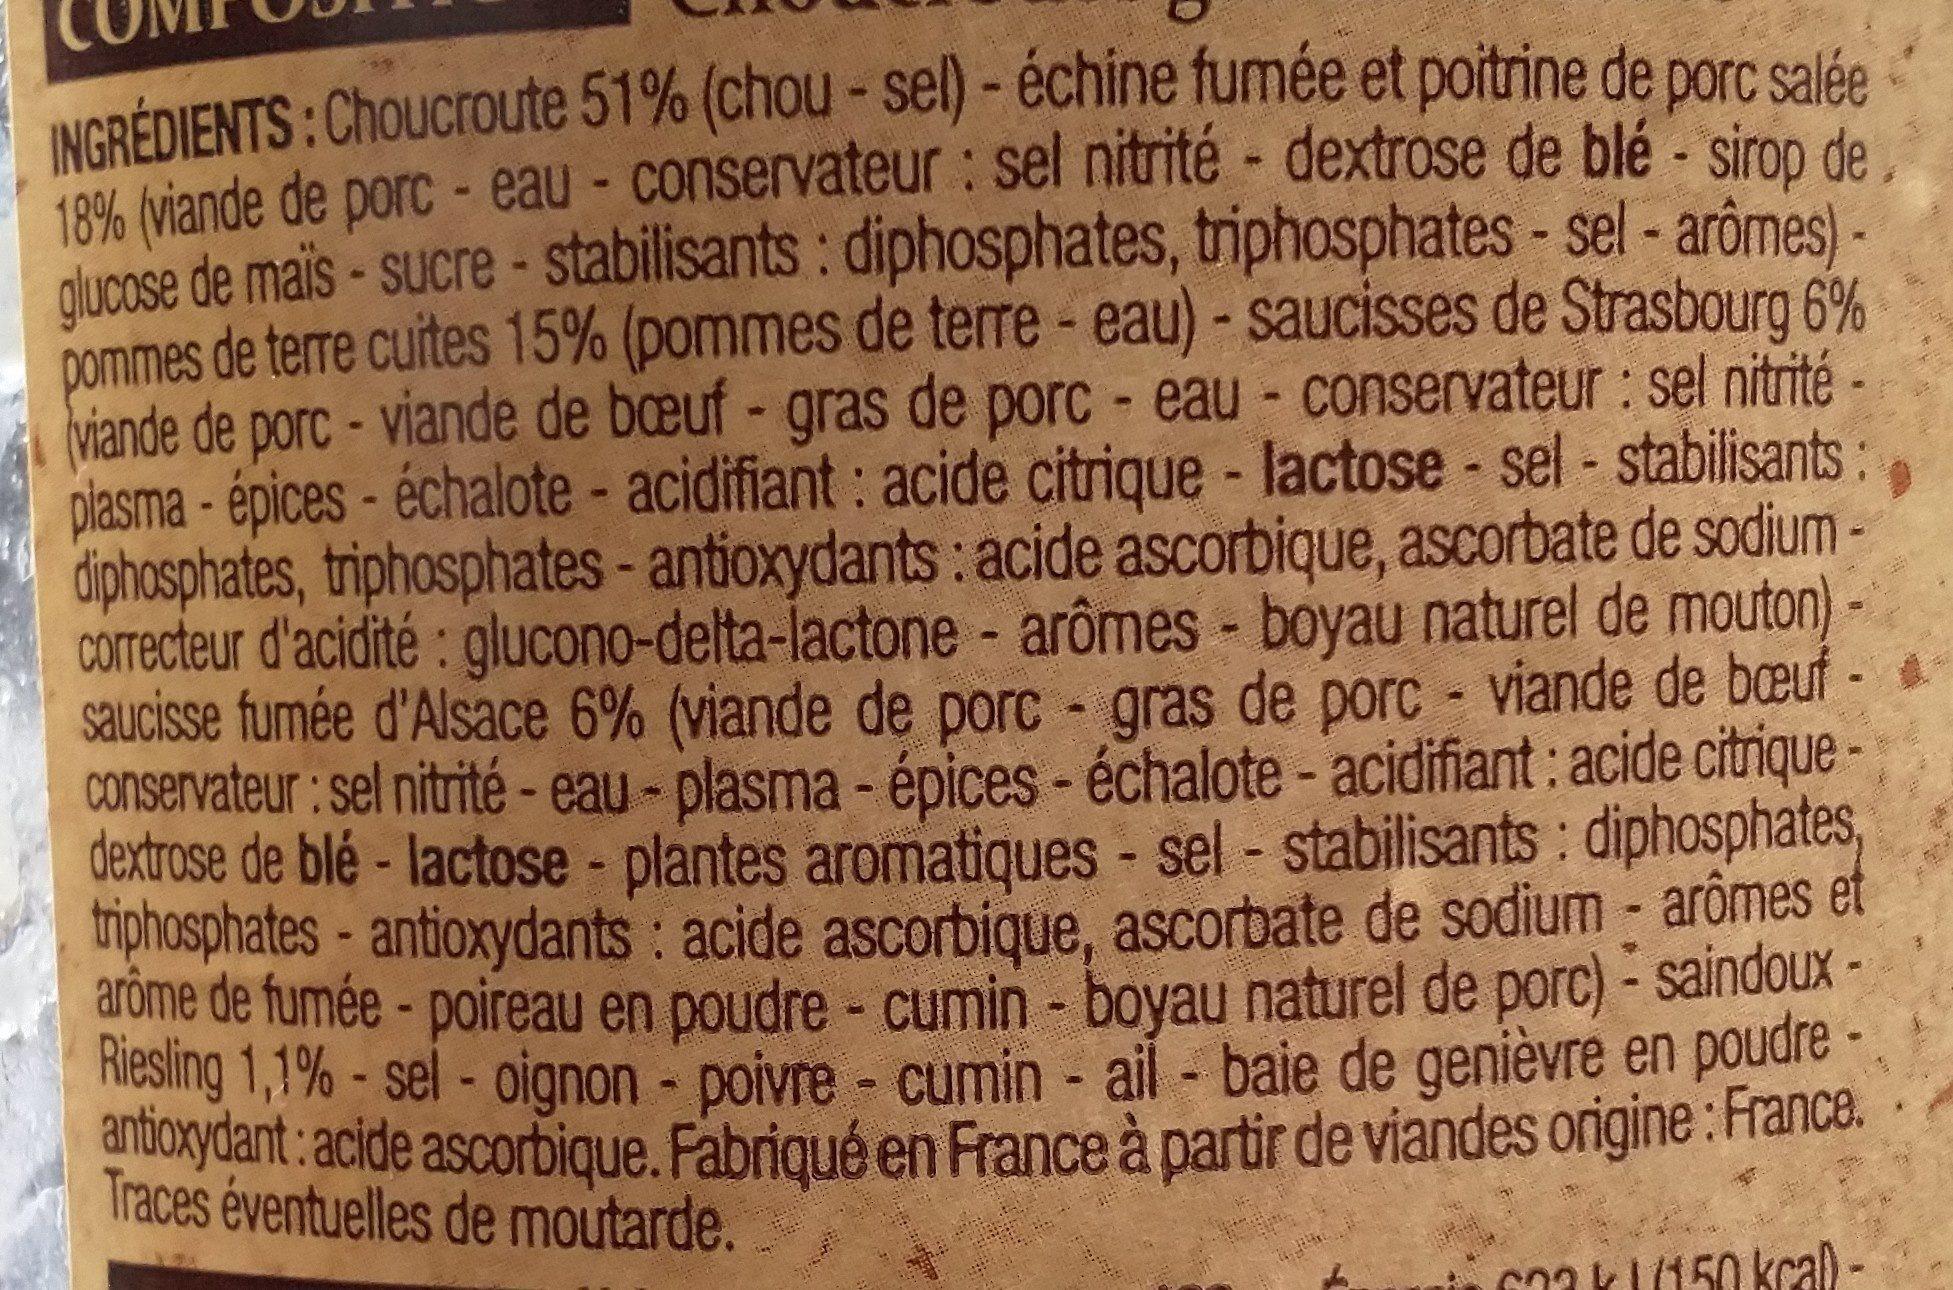 Choucroute Royale 1 Kilo - Ingrédients - fr